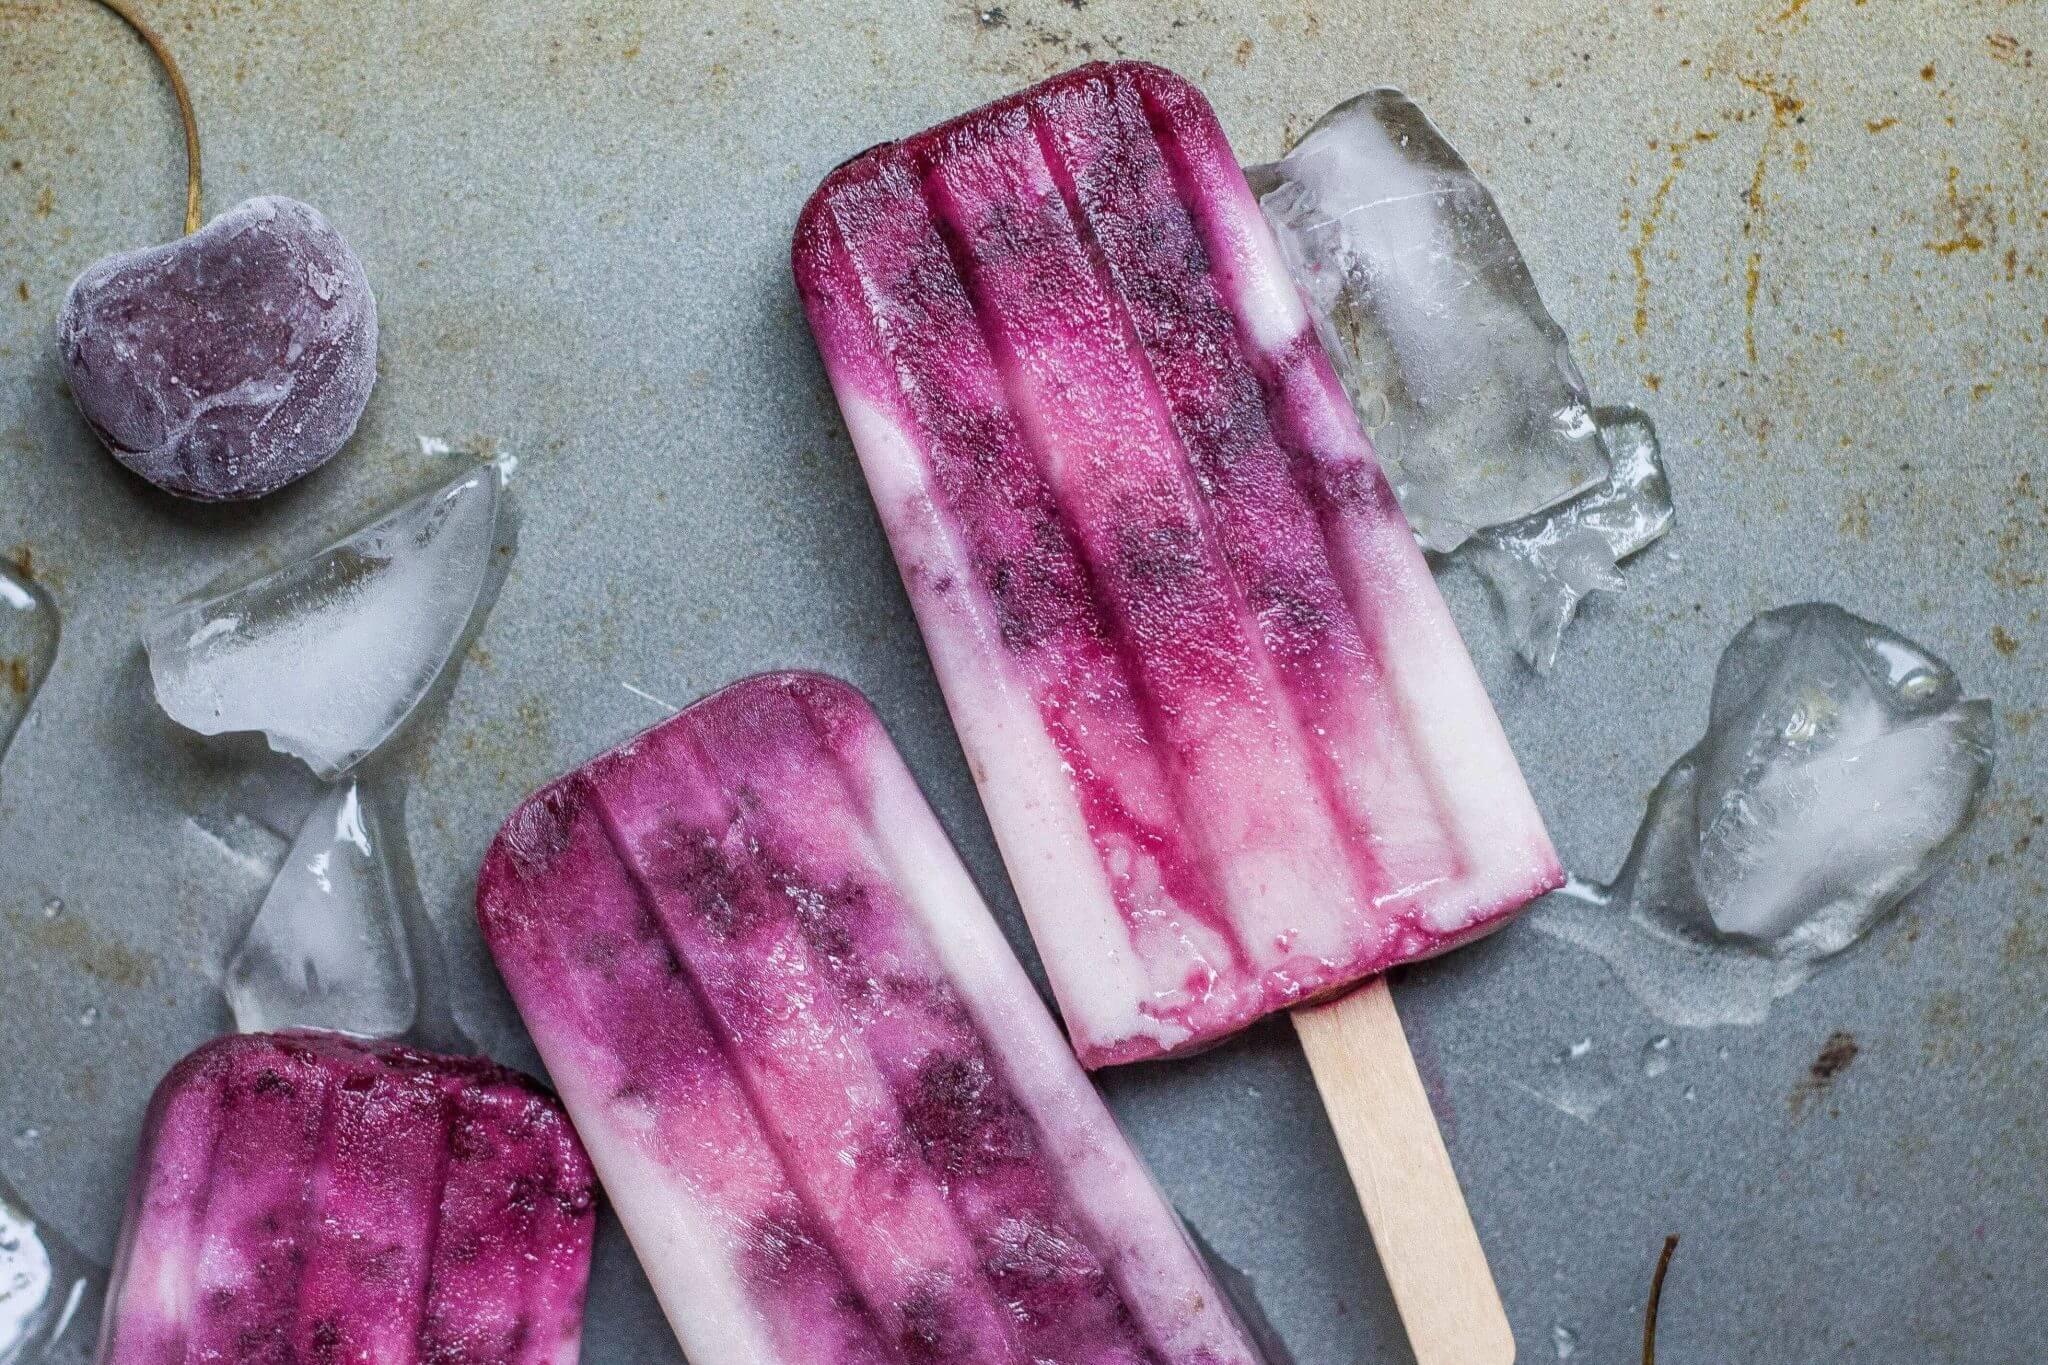 alison marras 361006 unsplash - Veganes Kokos-Limetten-Eis mit karamelisierten Kirschen